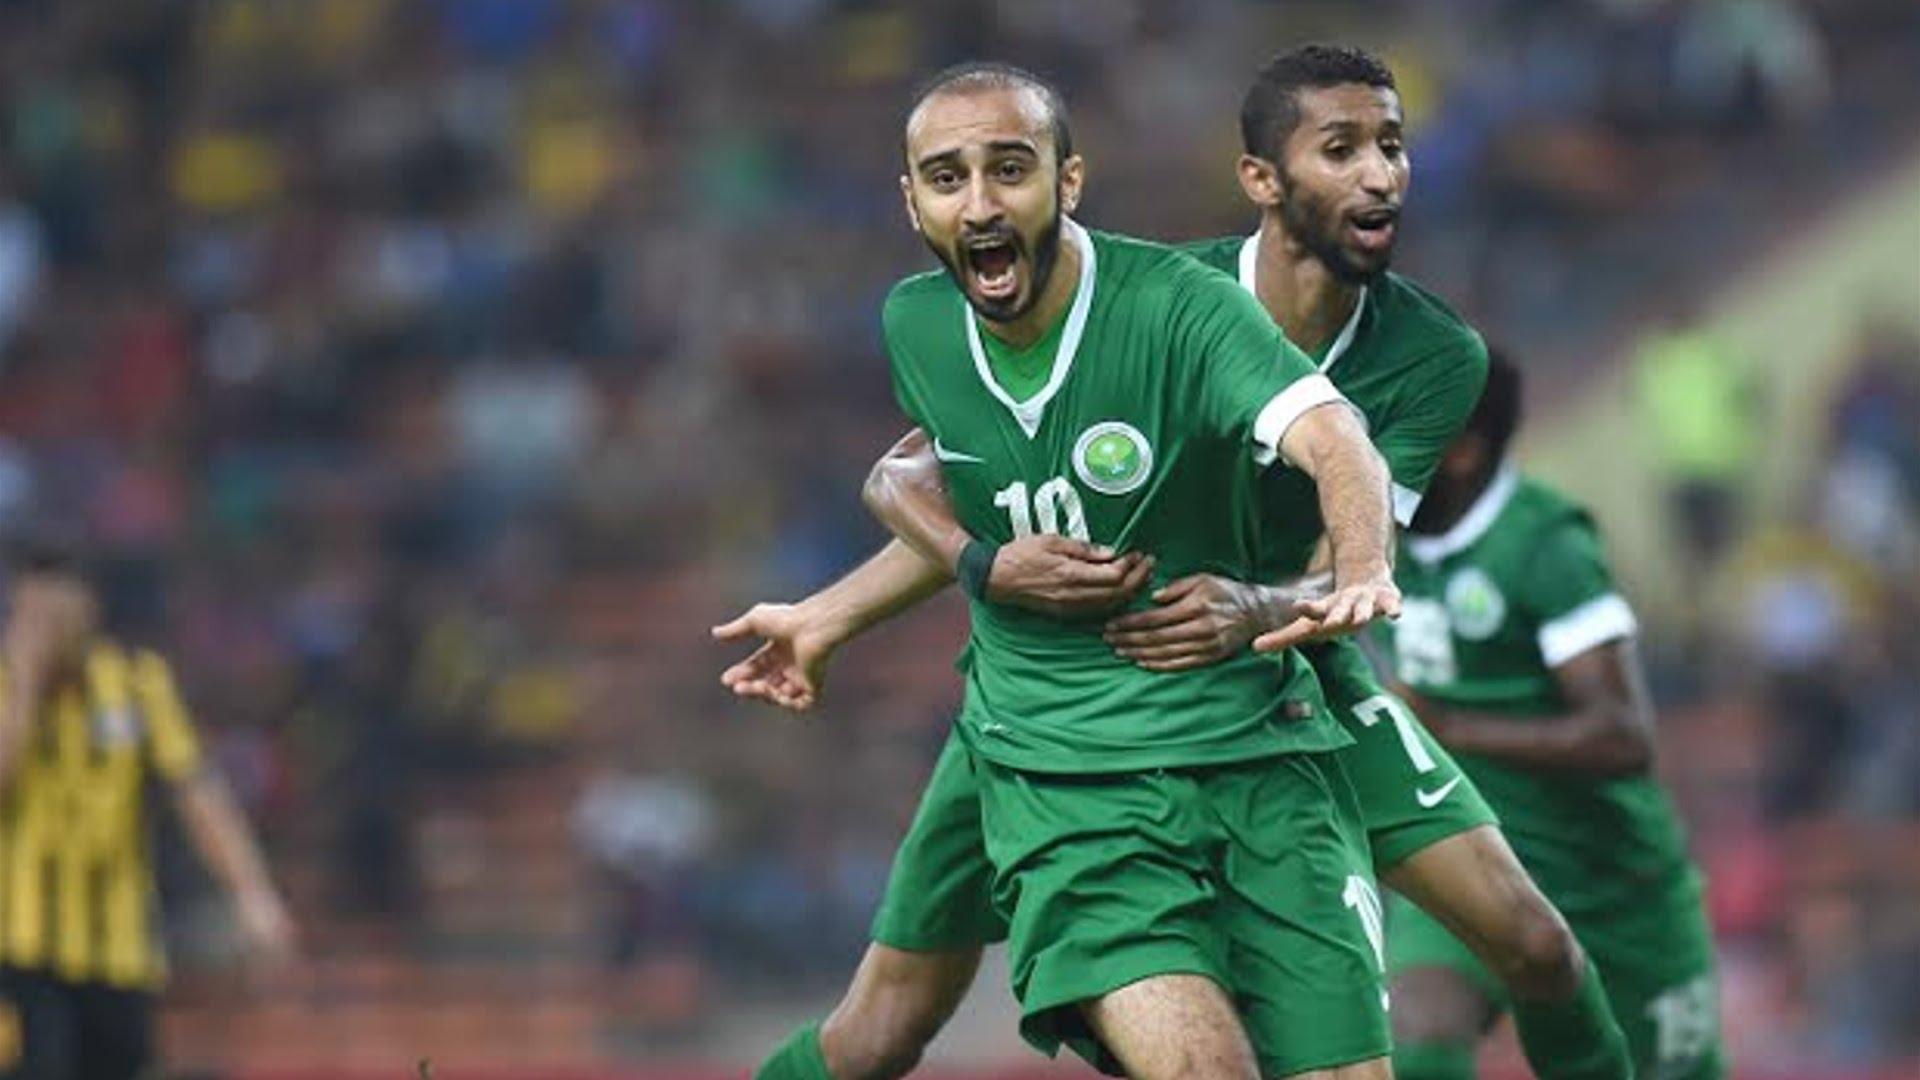 صور منتخب السعودية 9 صور منتخب السعودية خلفيات المنتخب السعودي